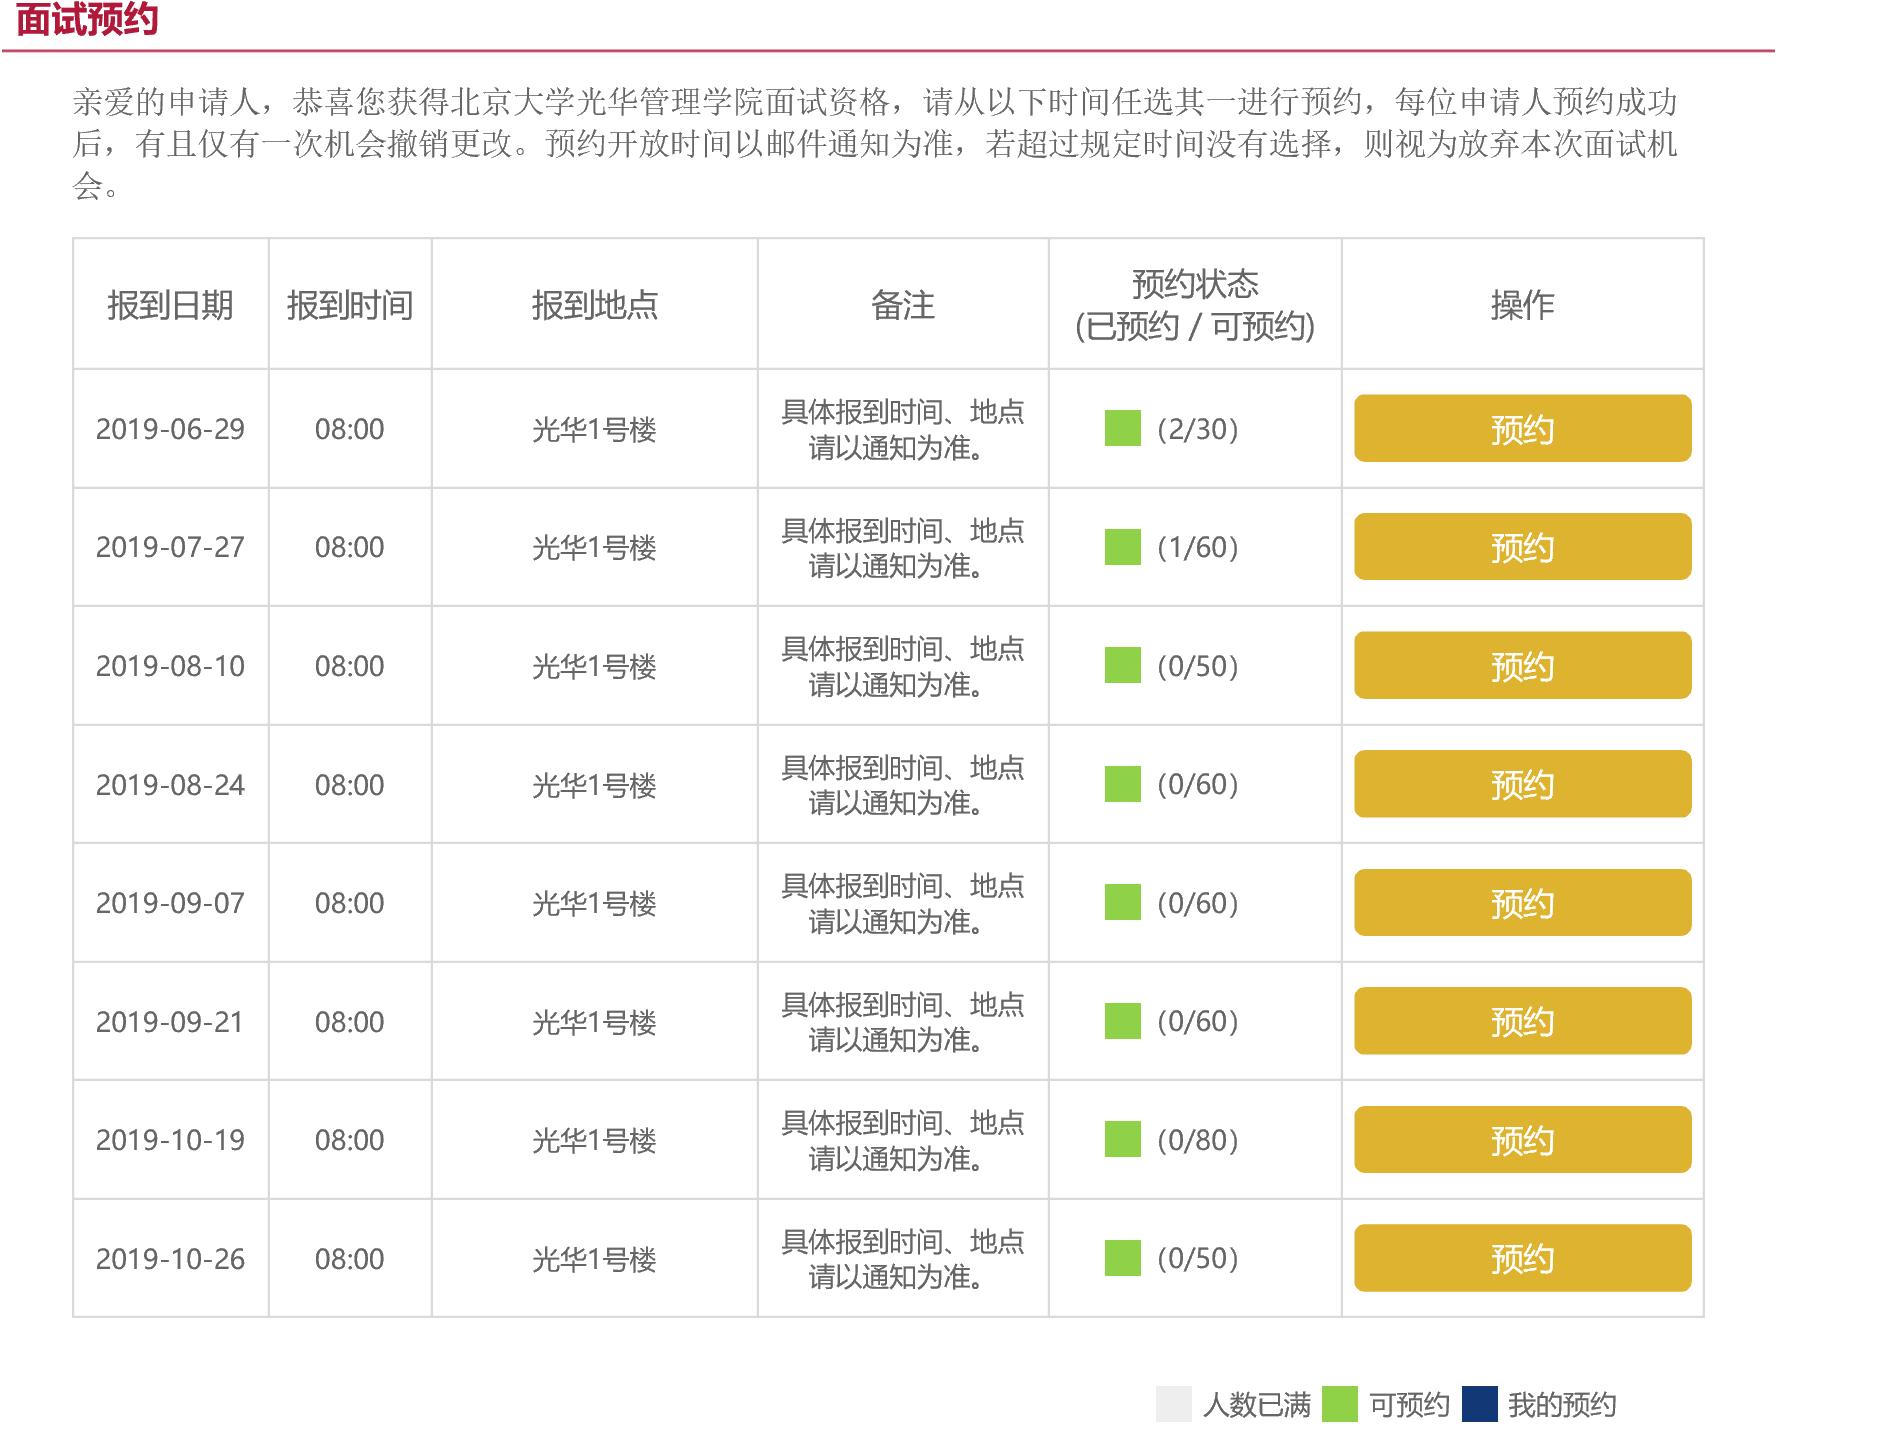 北大北京MBA公布首轮进面试结果,全年面试名额减半!!